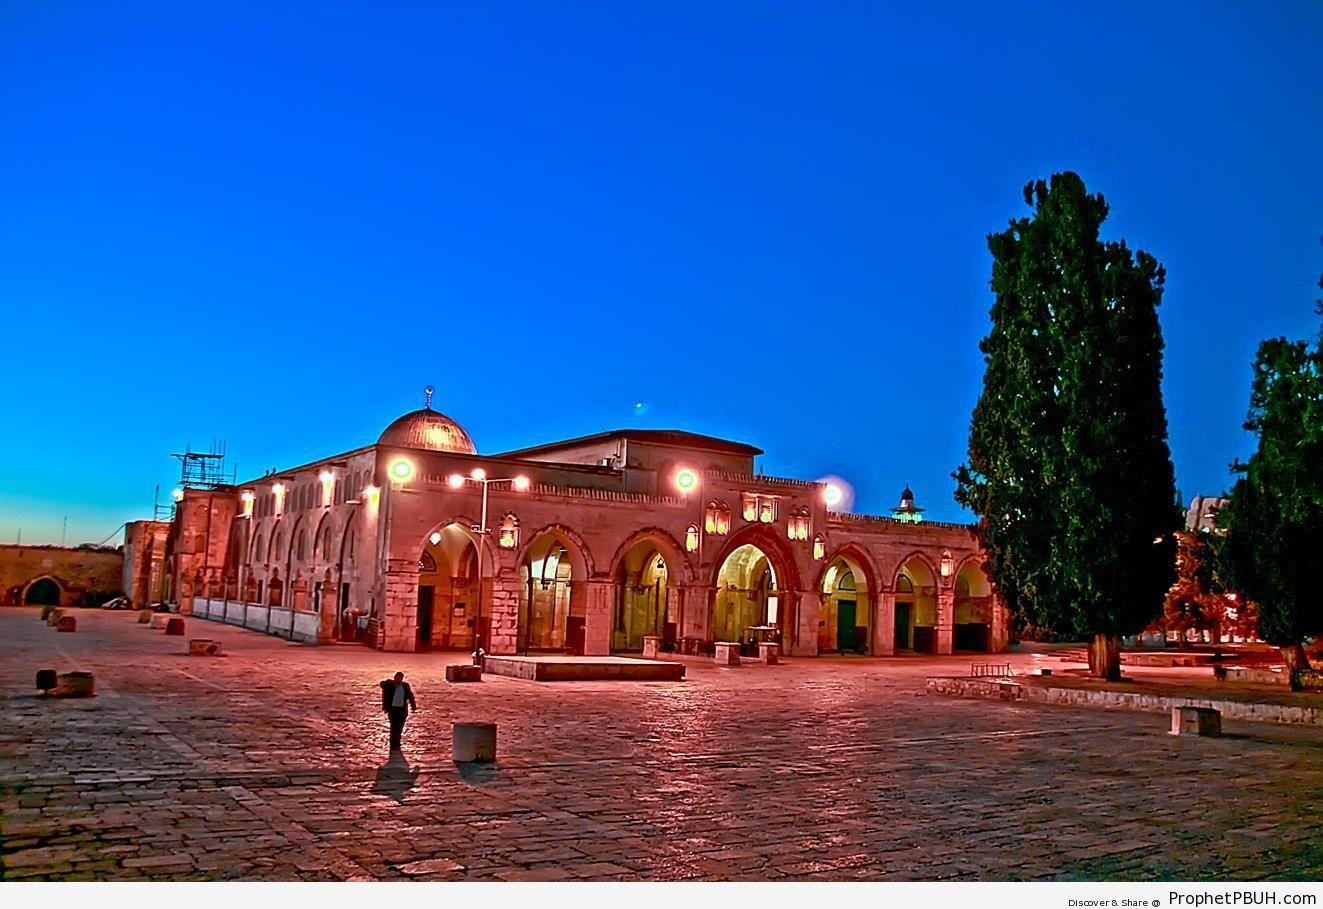 Masjid al-Aqsa at Dawn - Al-Aqsa Mosque (Bayt al-Muqaddas) in Jerusalem, Palestine -Picture